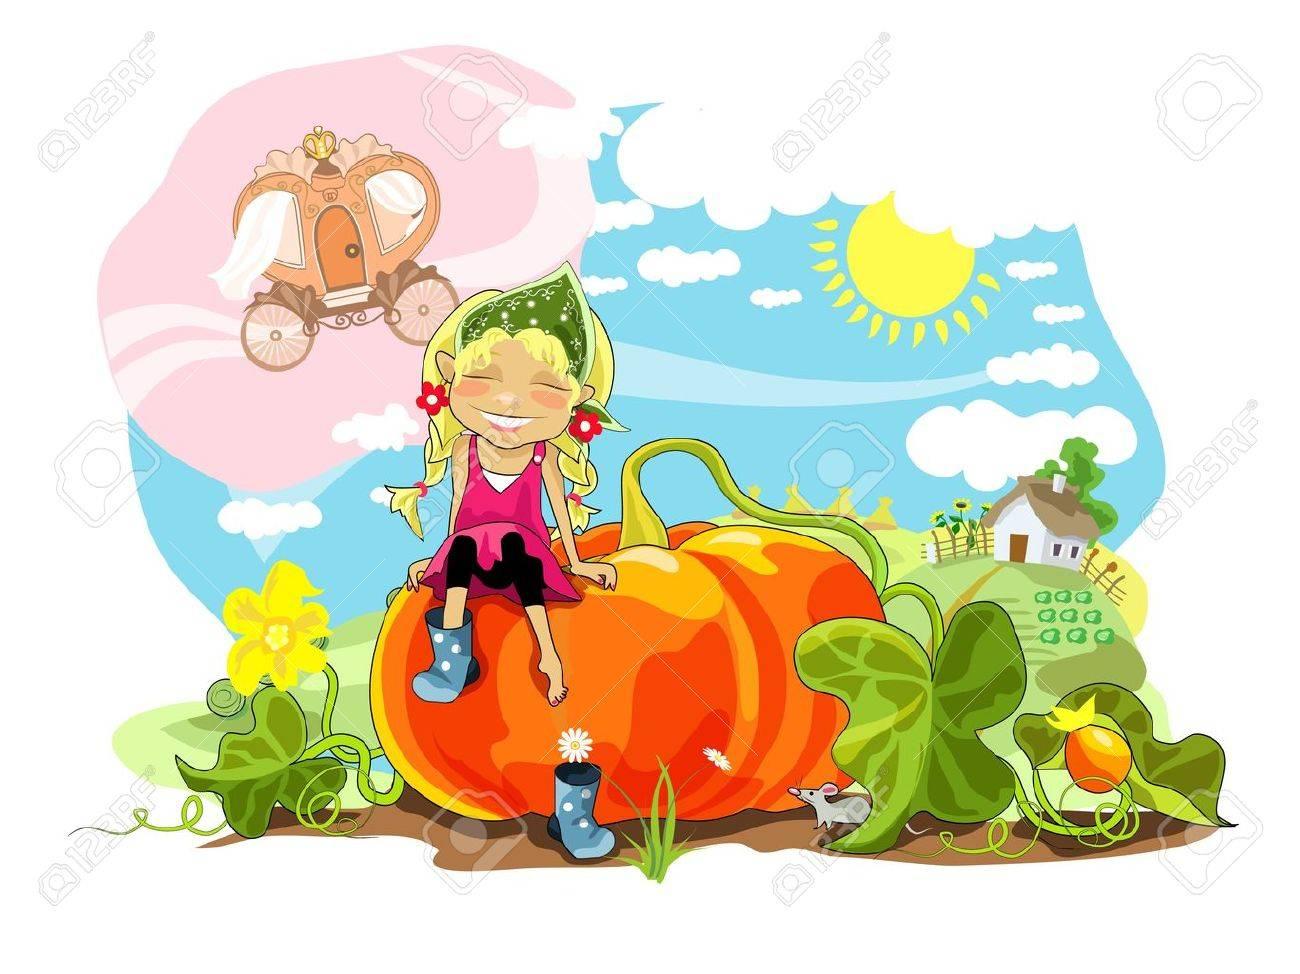 Funny girl sitting on big pumpkin, rural landscape. Stock Vector - 10289518